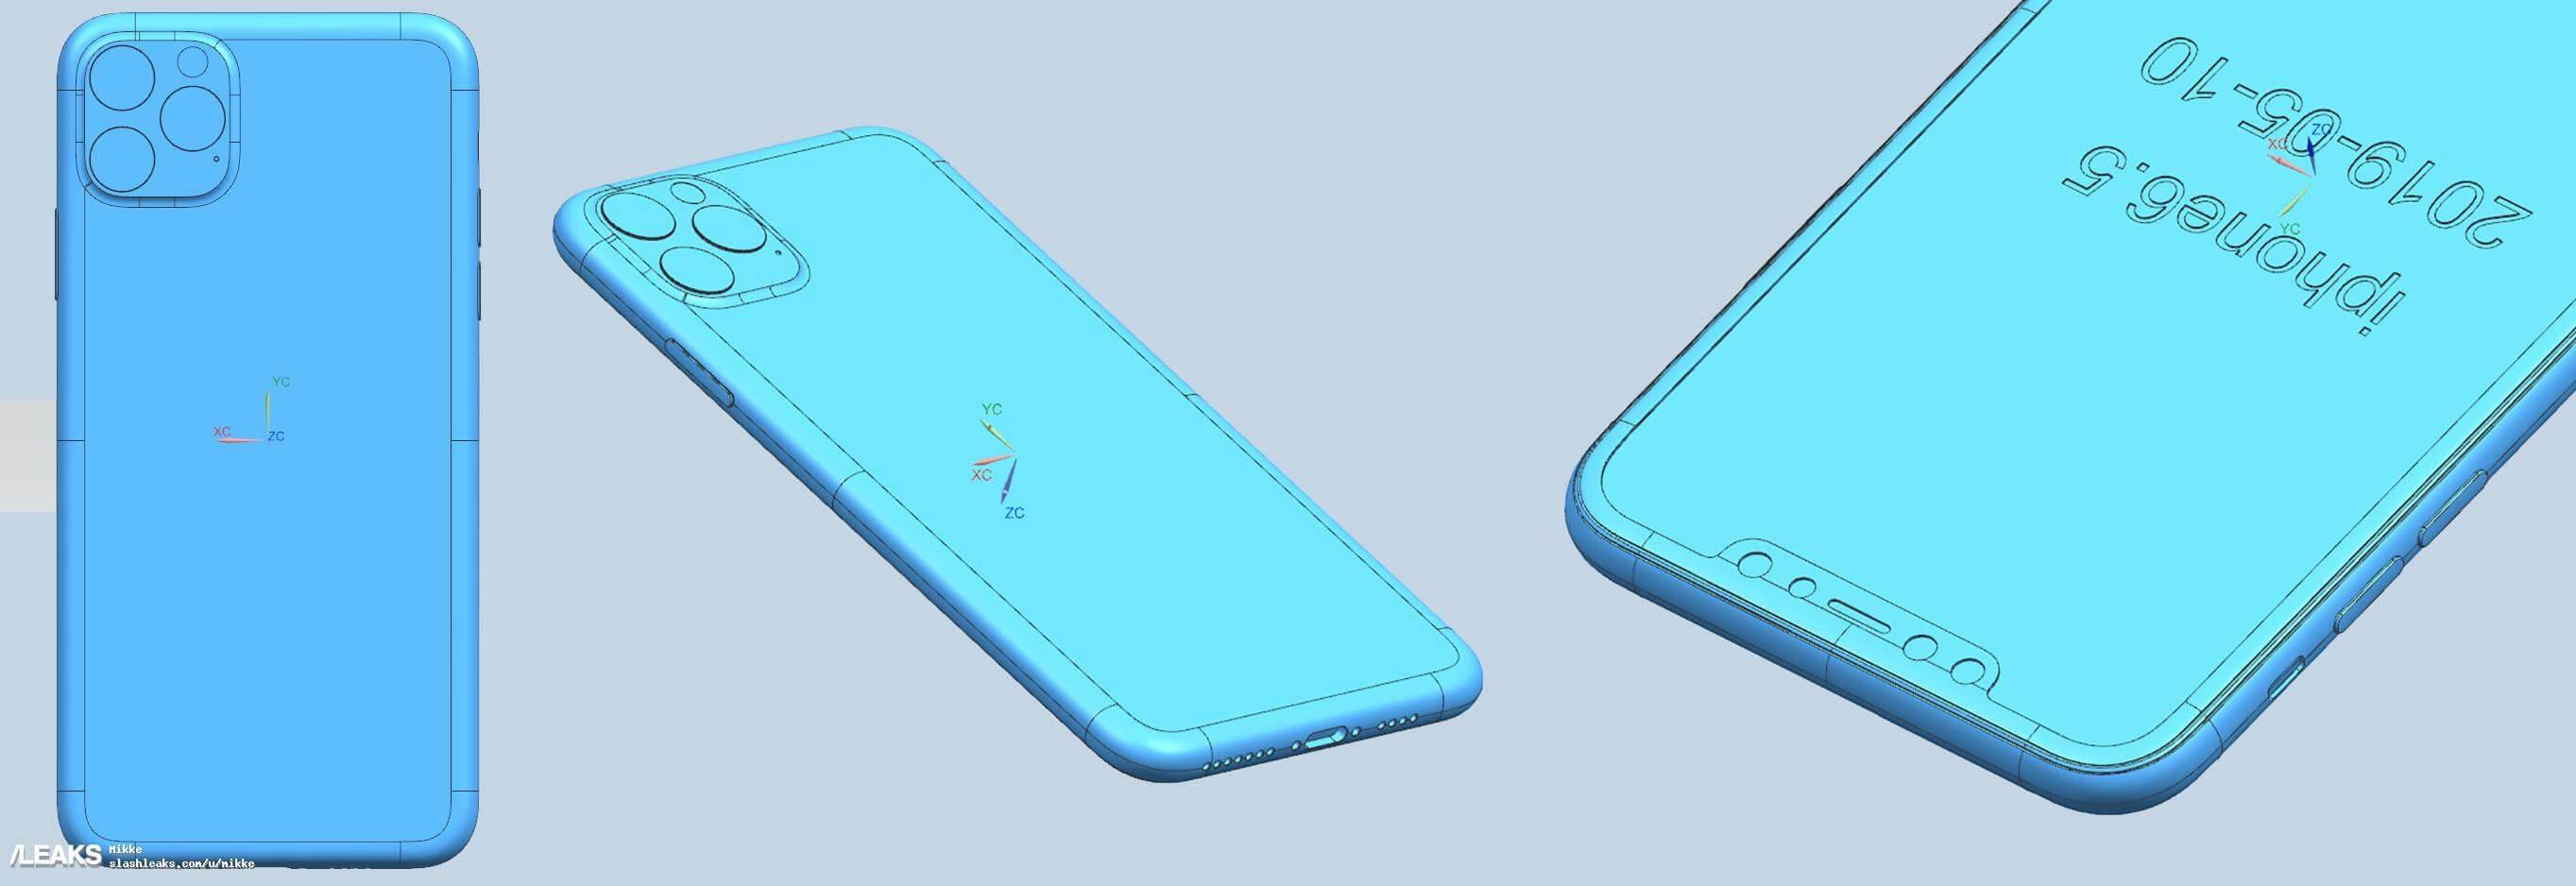 2019 三款新iPhone CAD 設計圖2